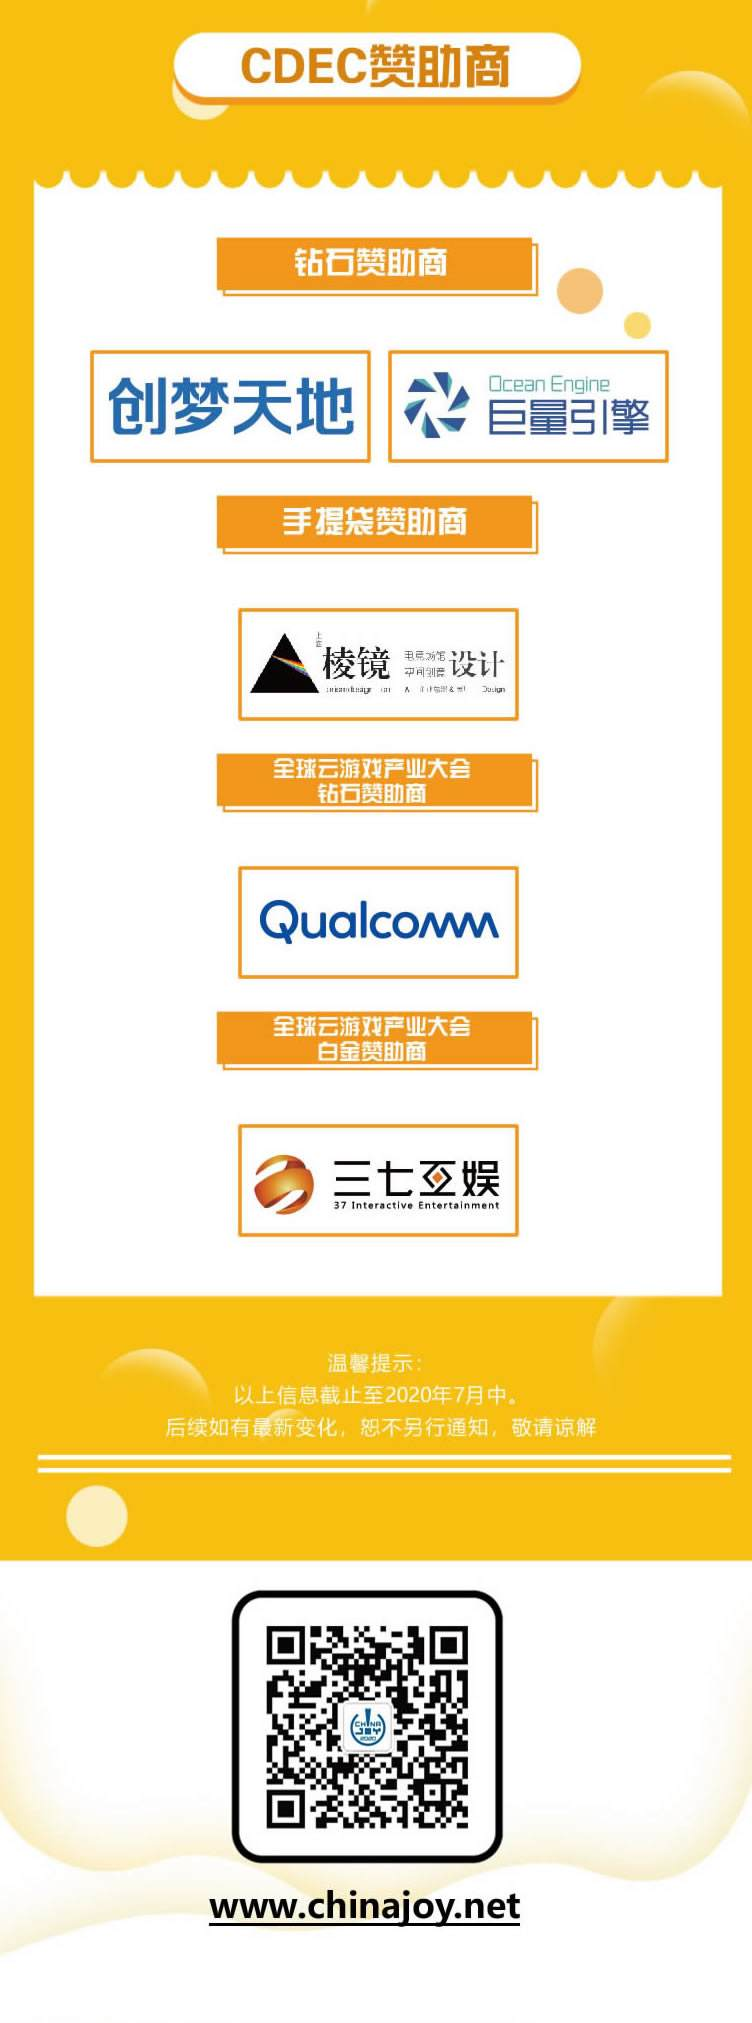 2020年第十八届ChinaJoy展前预览(大型会议篇—CDEC)正式发布!